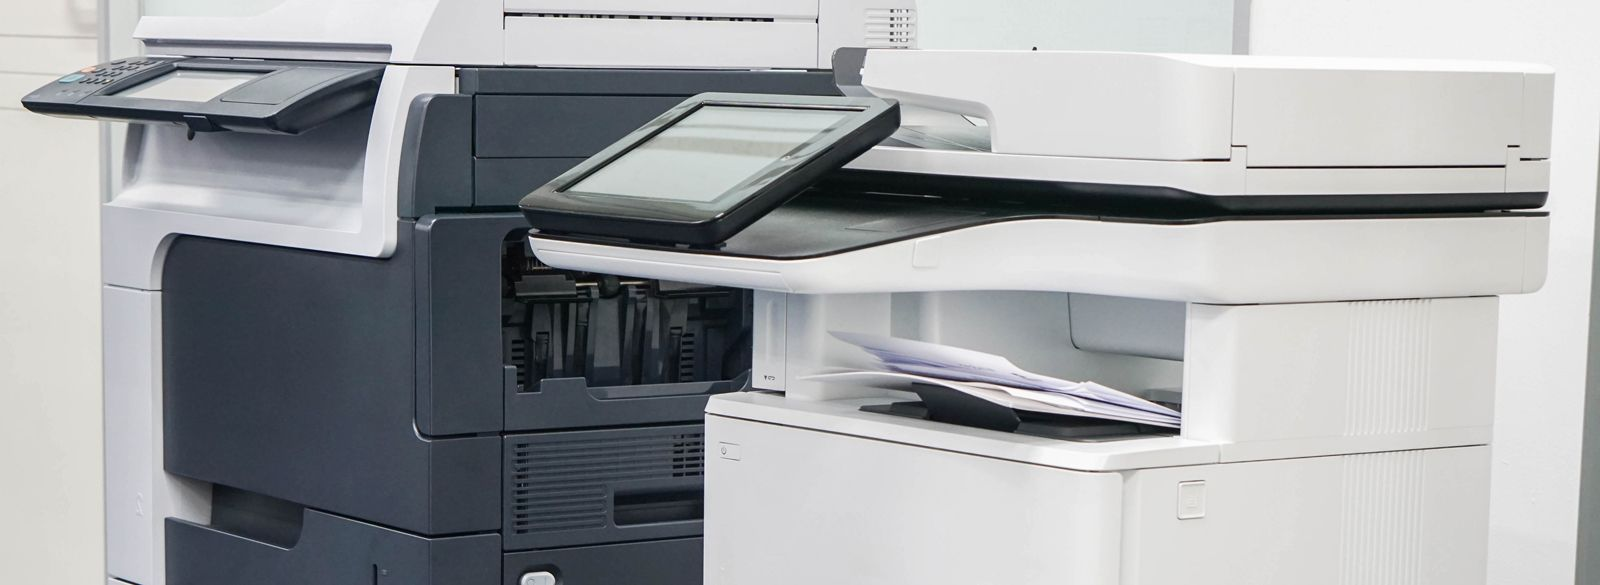 Servicios: Productos y servicios de KM 90 Printer Solutions, S.L.